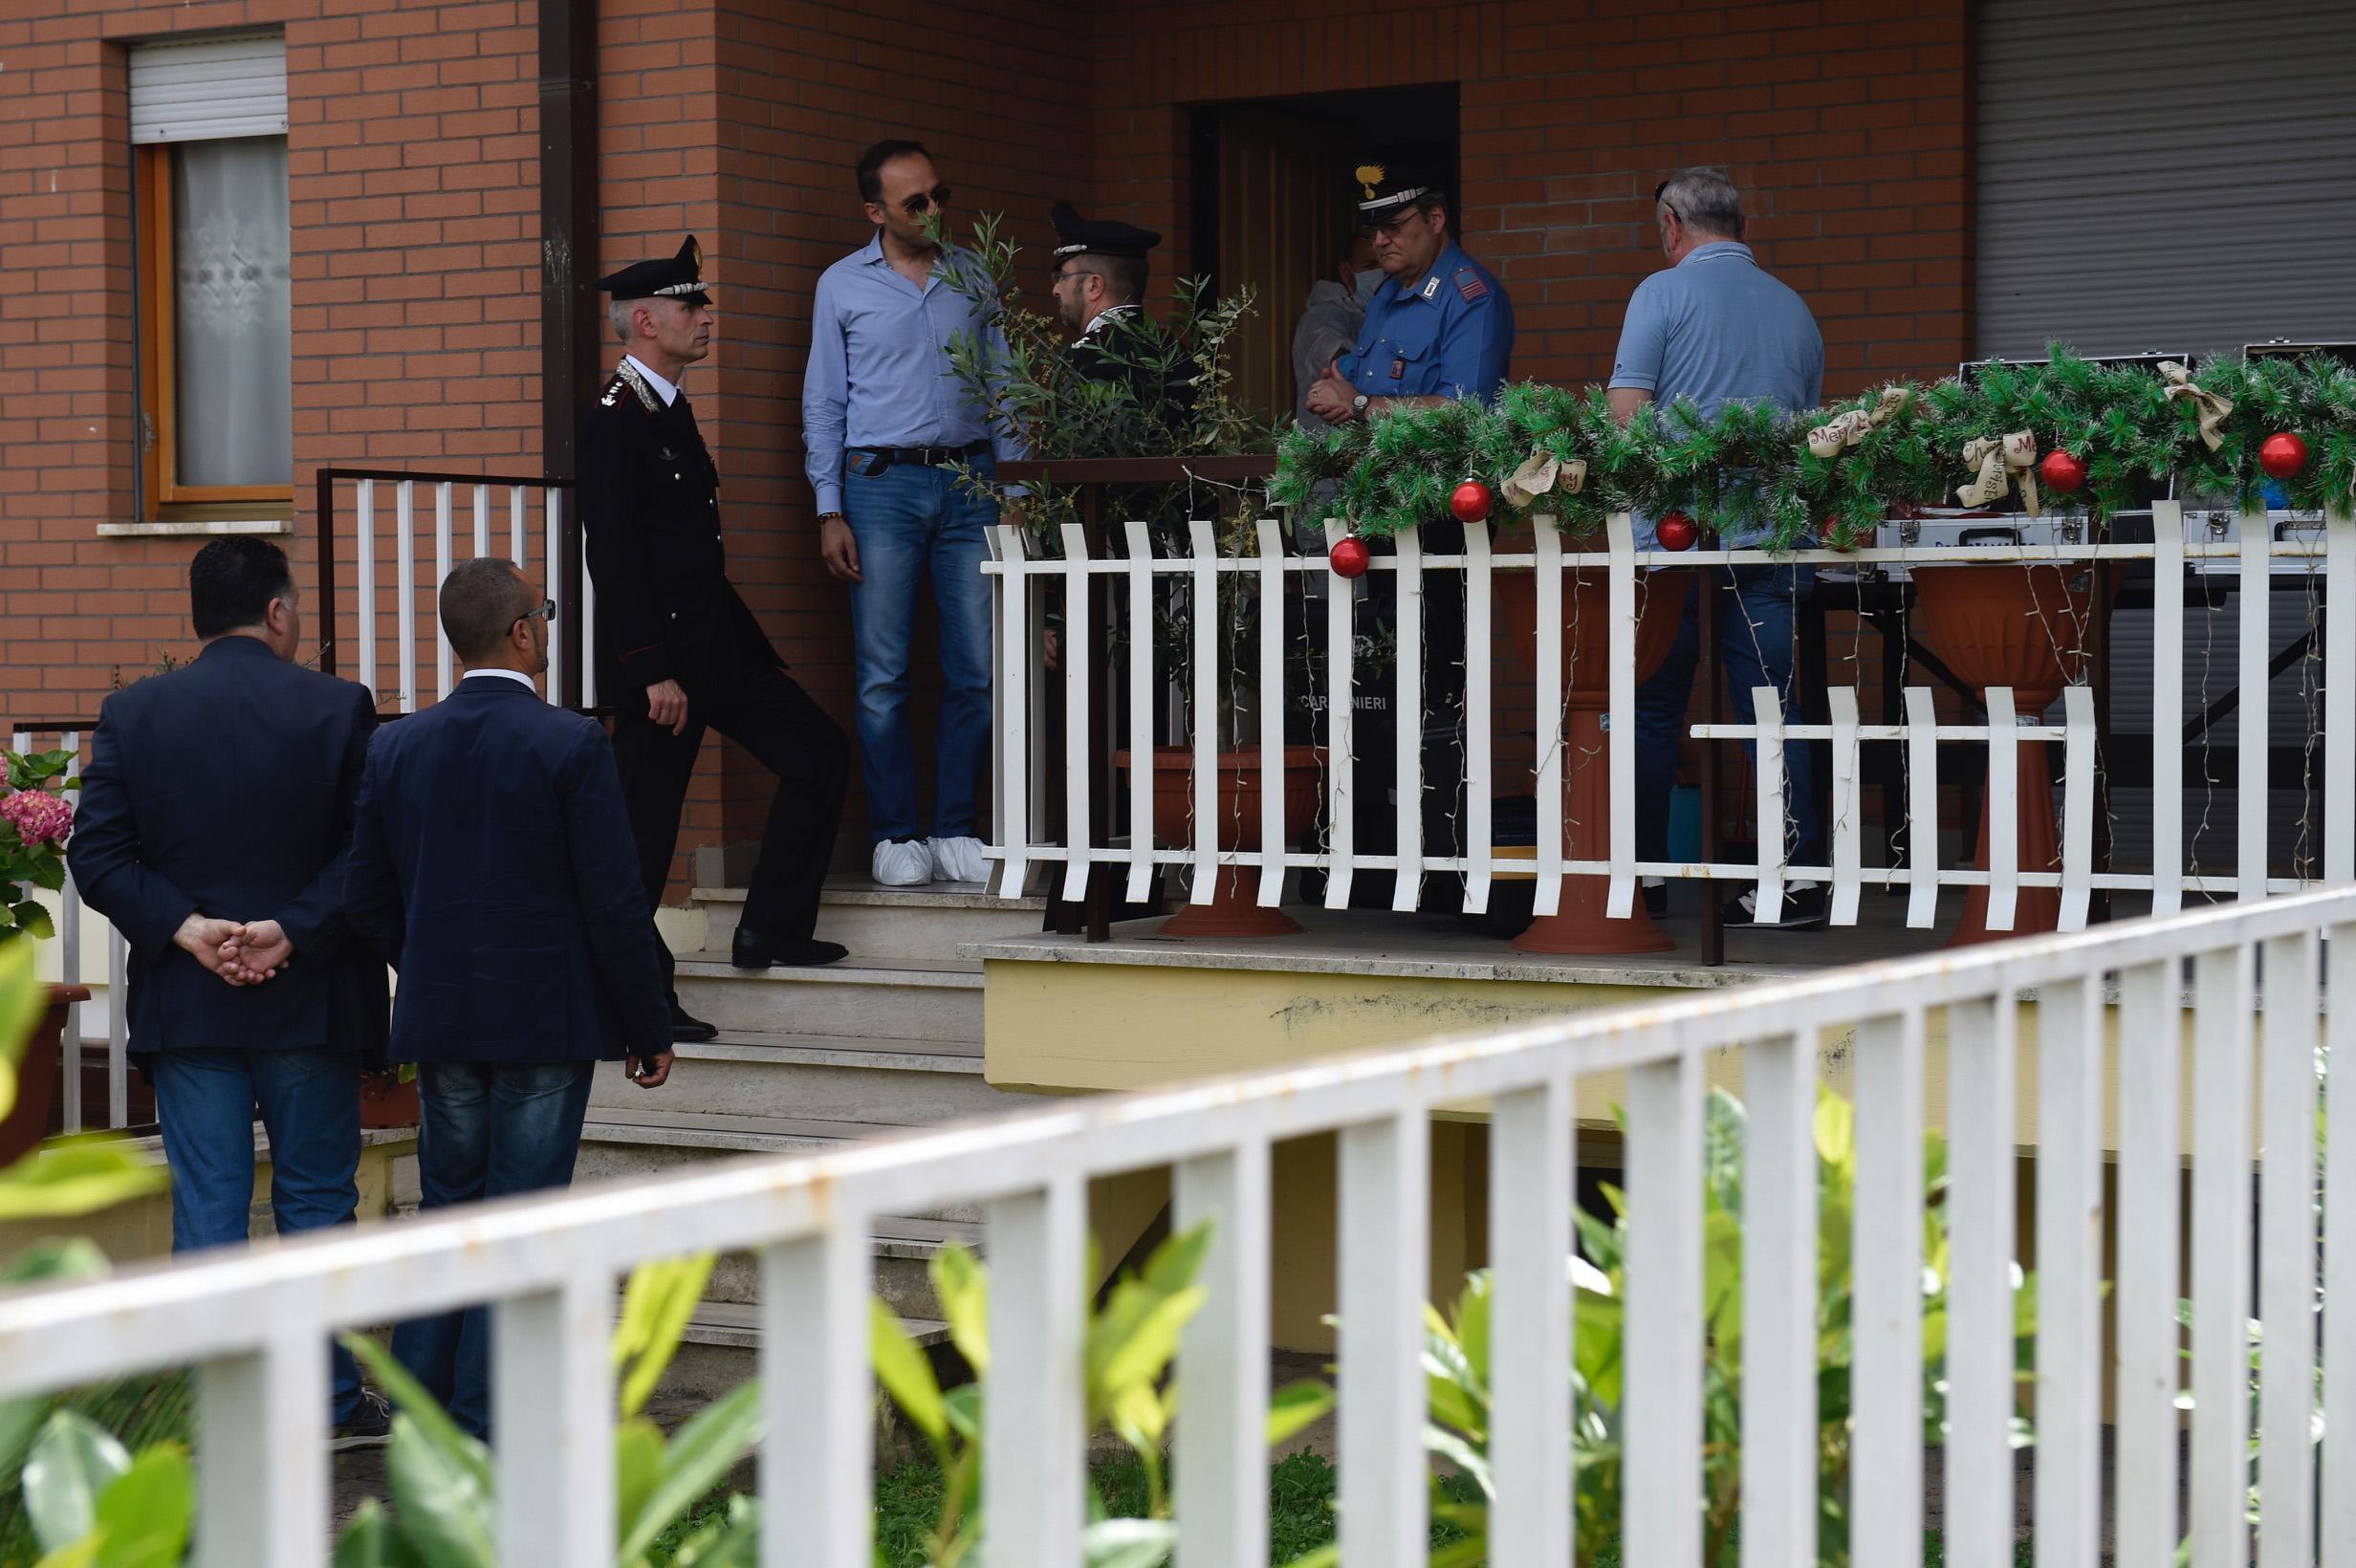 Asesinato en Cisterna di Latina, una mujer asesinada en su casa